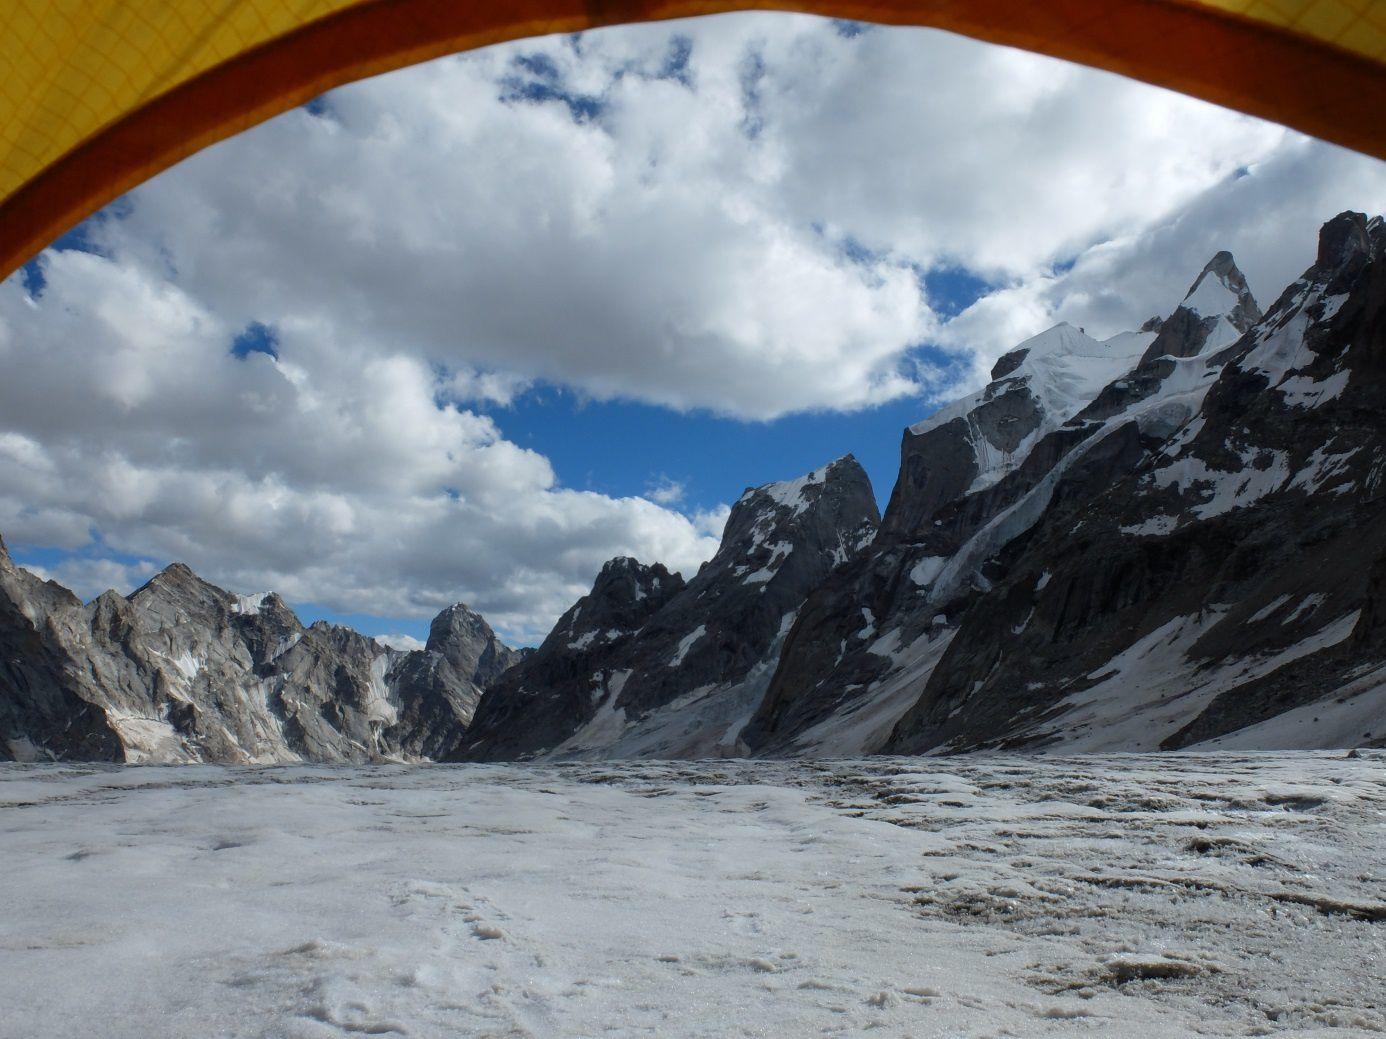 La rive gauche du glacier de Chodong avec le big wall du Mahindra.